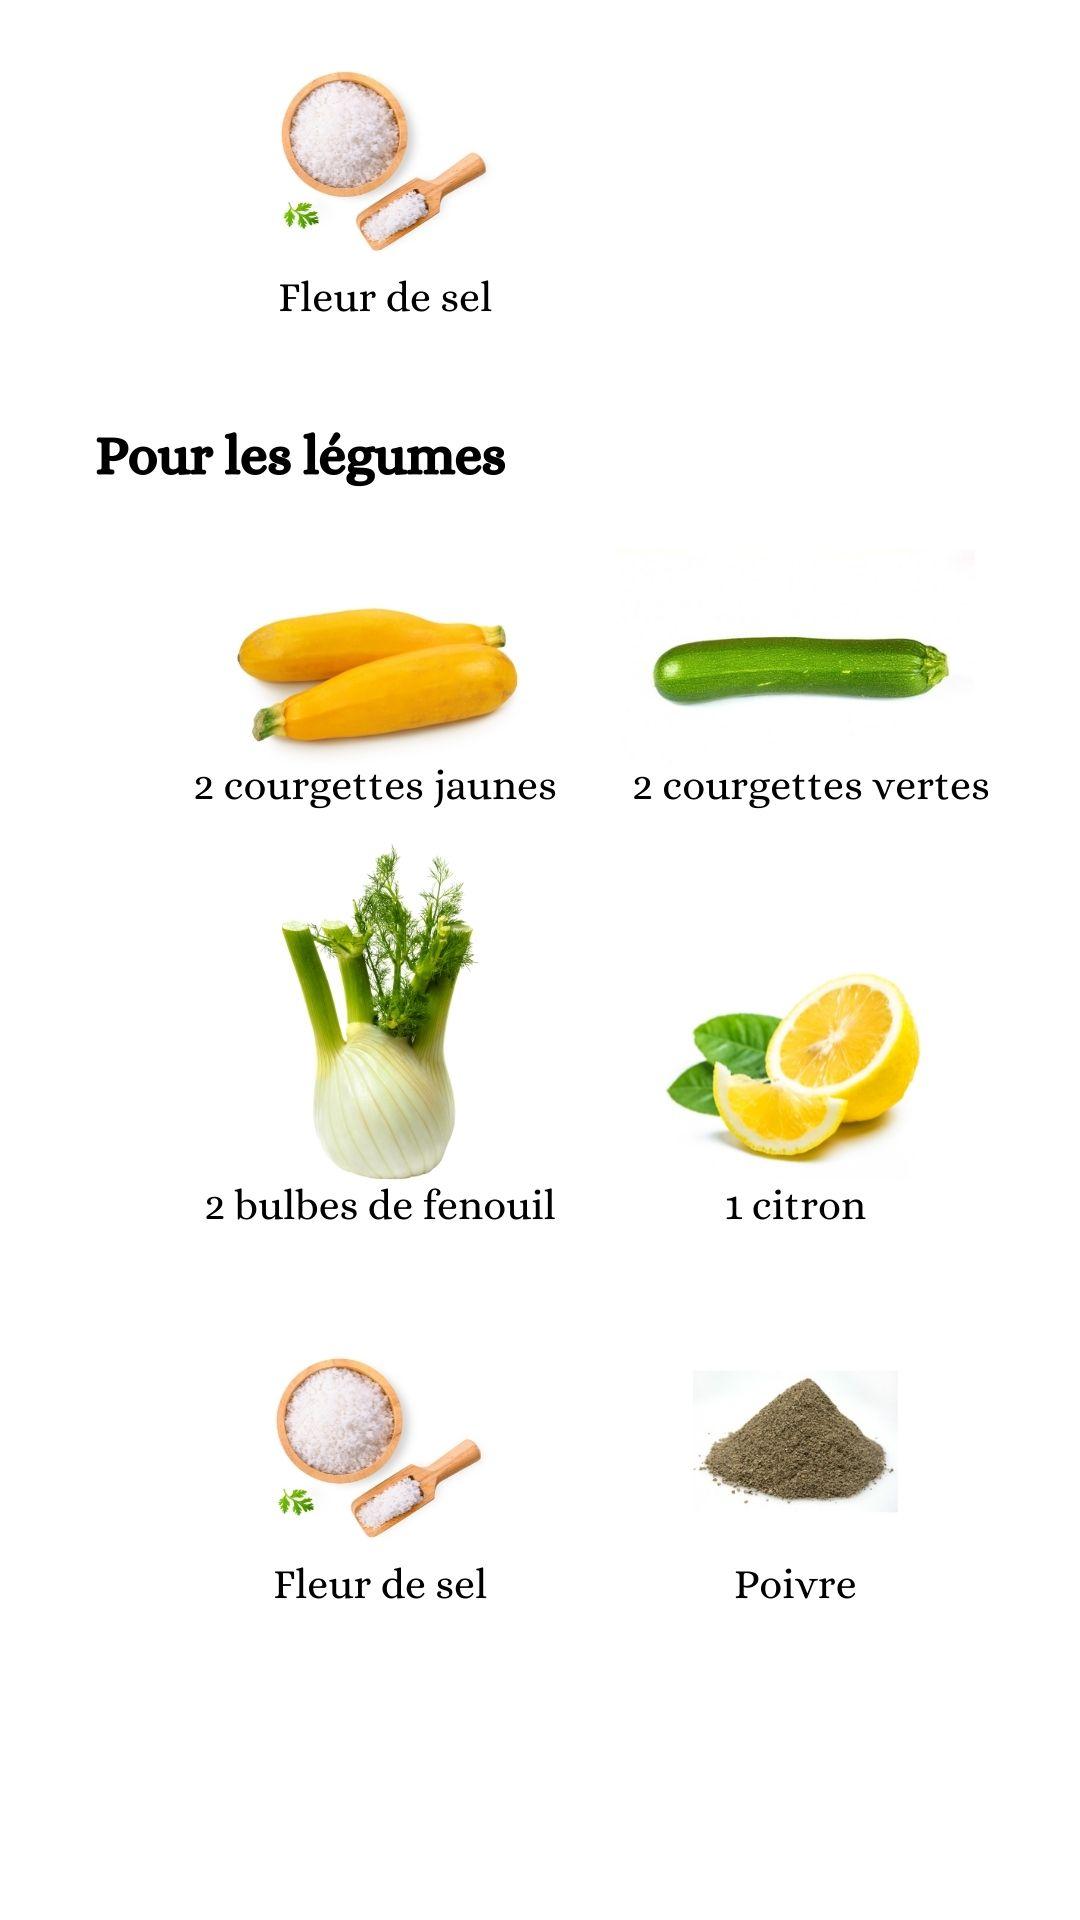 Suite des constituant pour élaborer la recette du poulet au pastis, fenouil courgettes